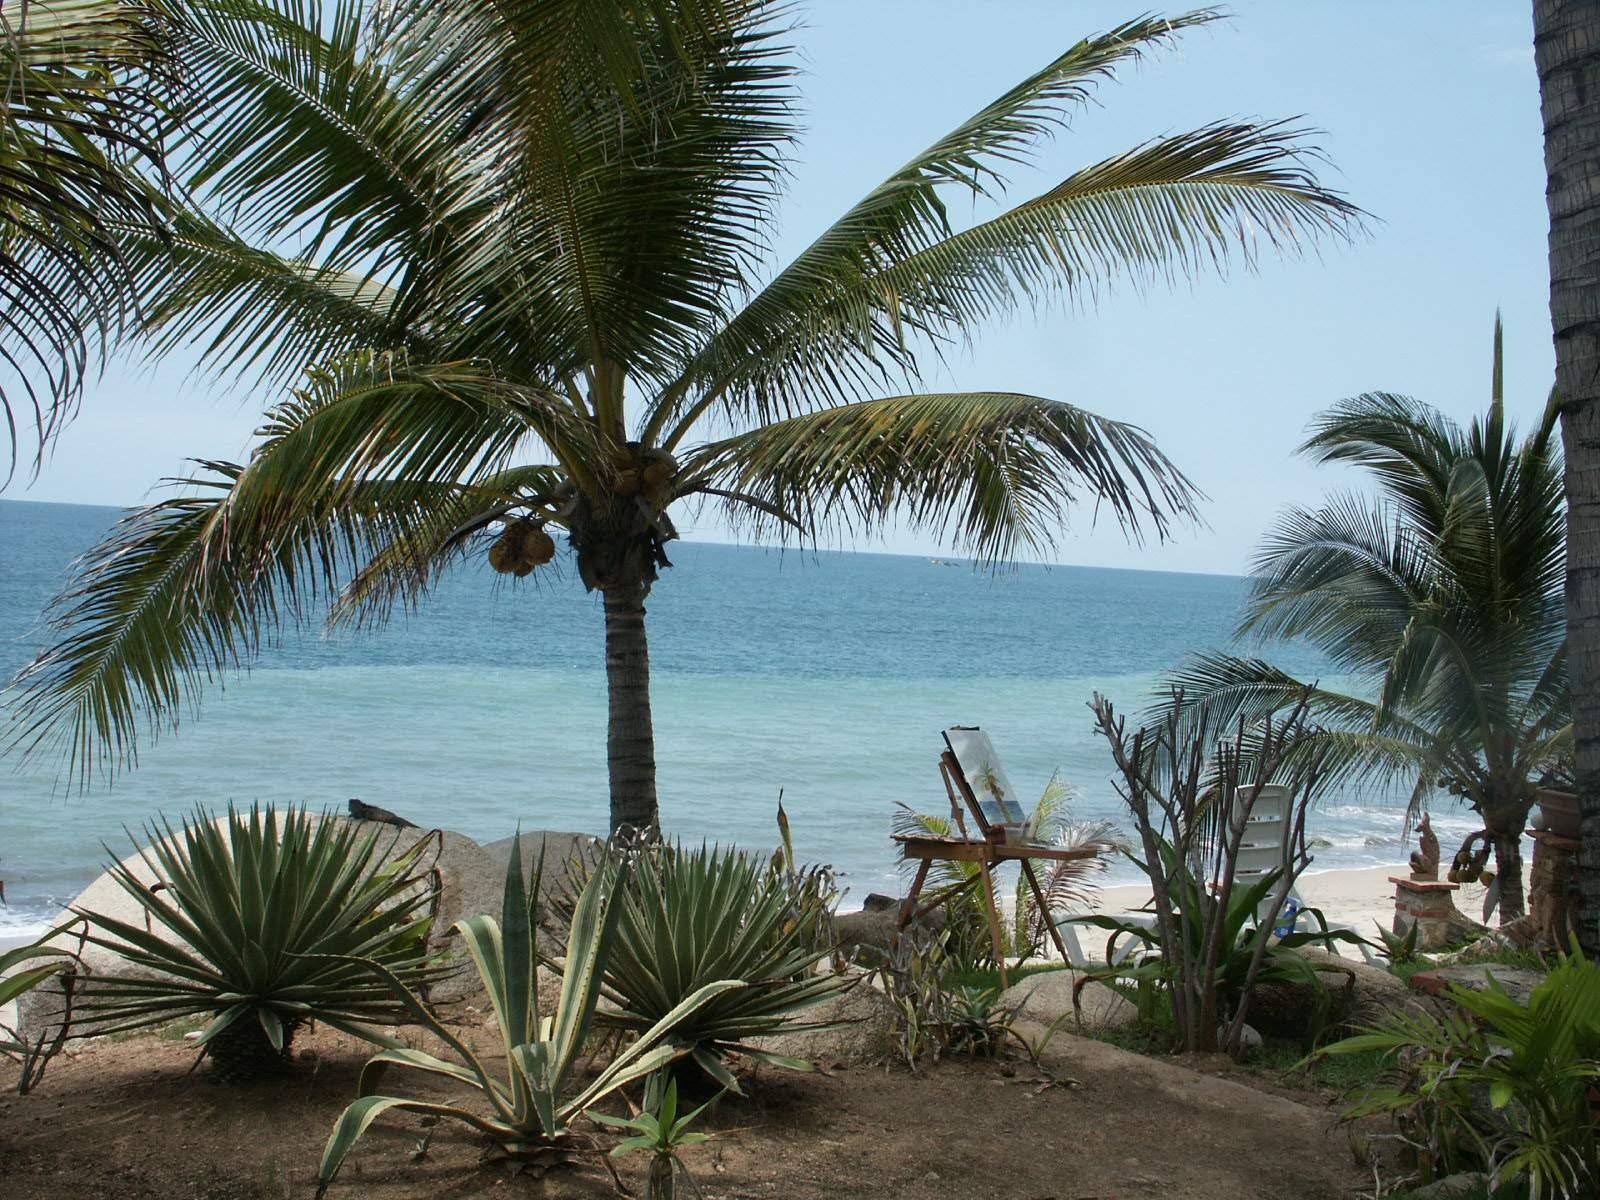 Sayulita - Αυτό είναι το ιδανικό μέρος να πας διακοπές φέτος το καλοκαίρι, με βάση το ζώδιό σου!